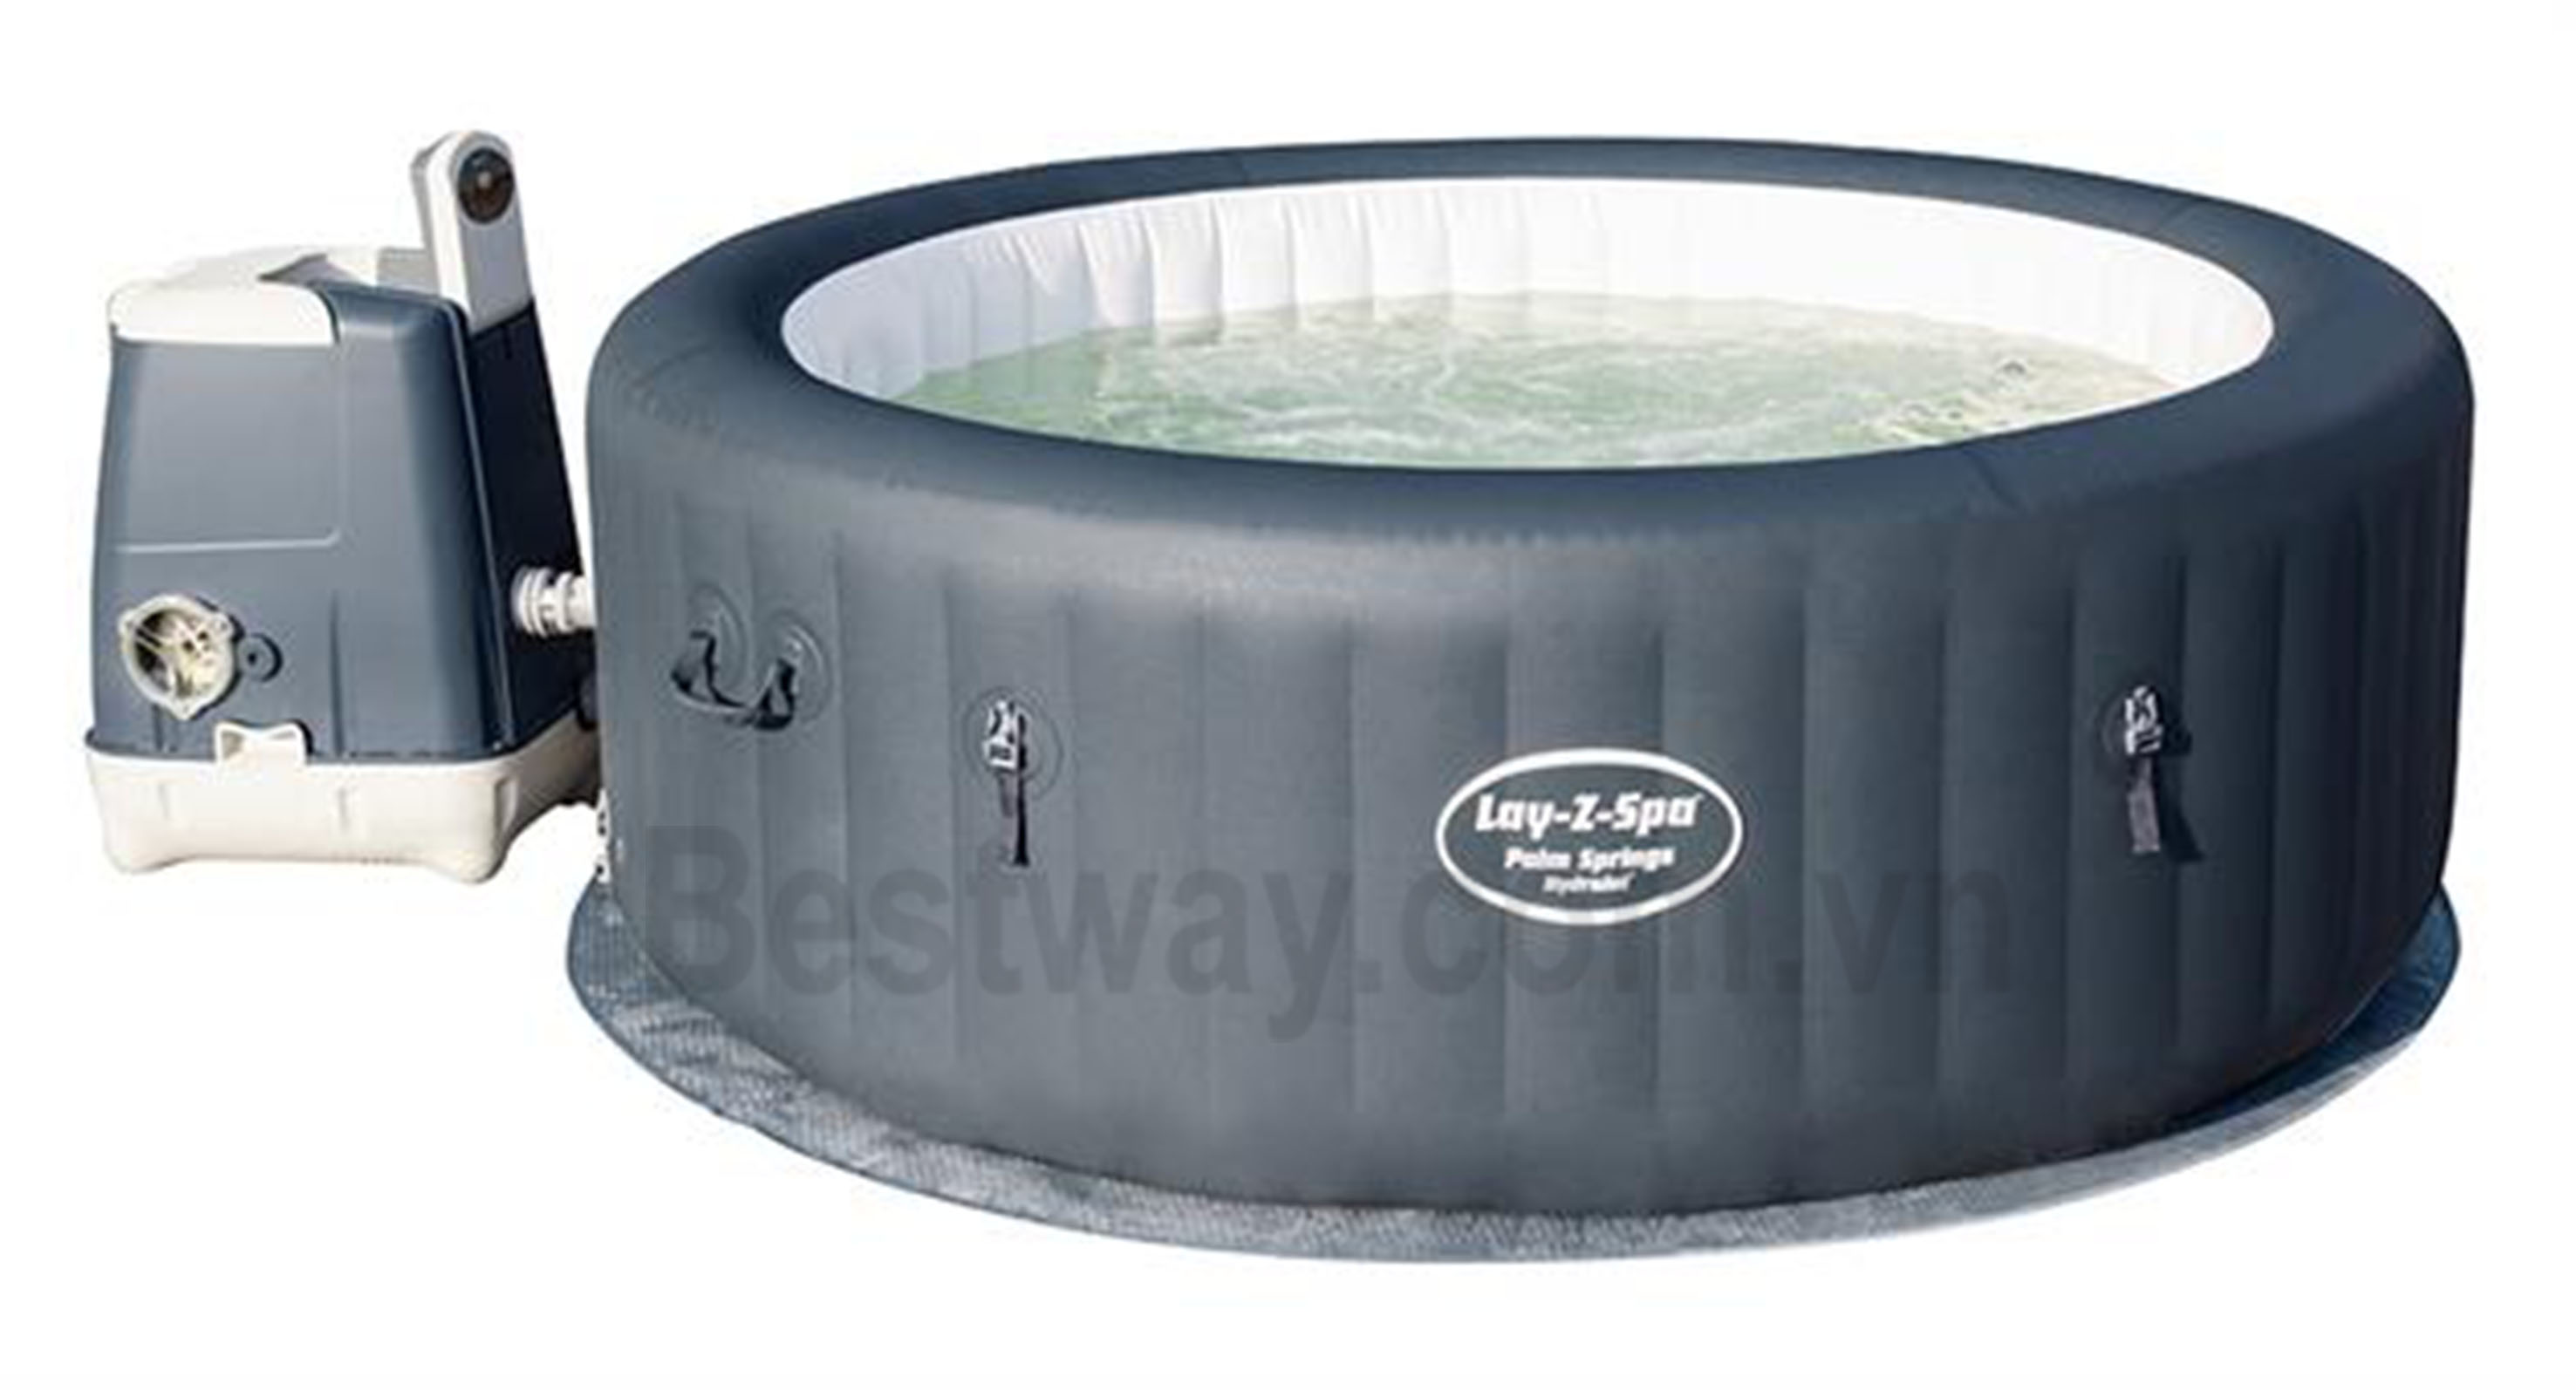 Bể Massage Bestway Lay-Z-Spa 54144